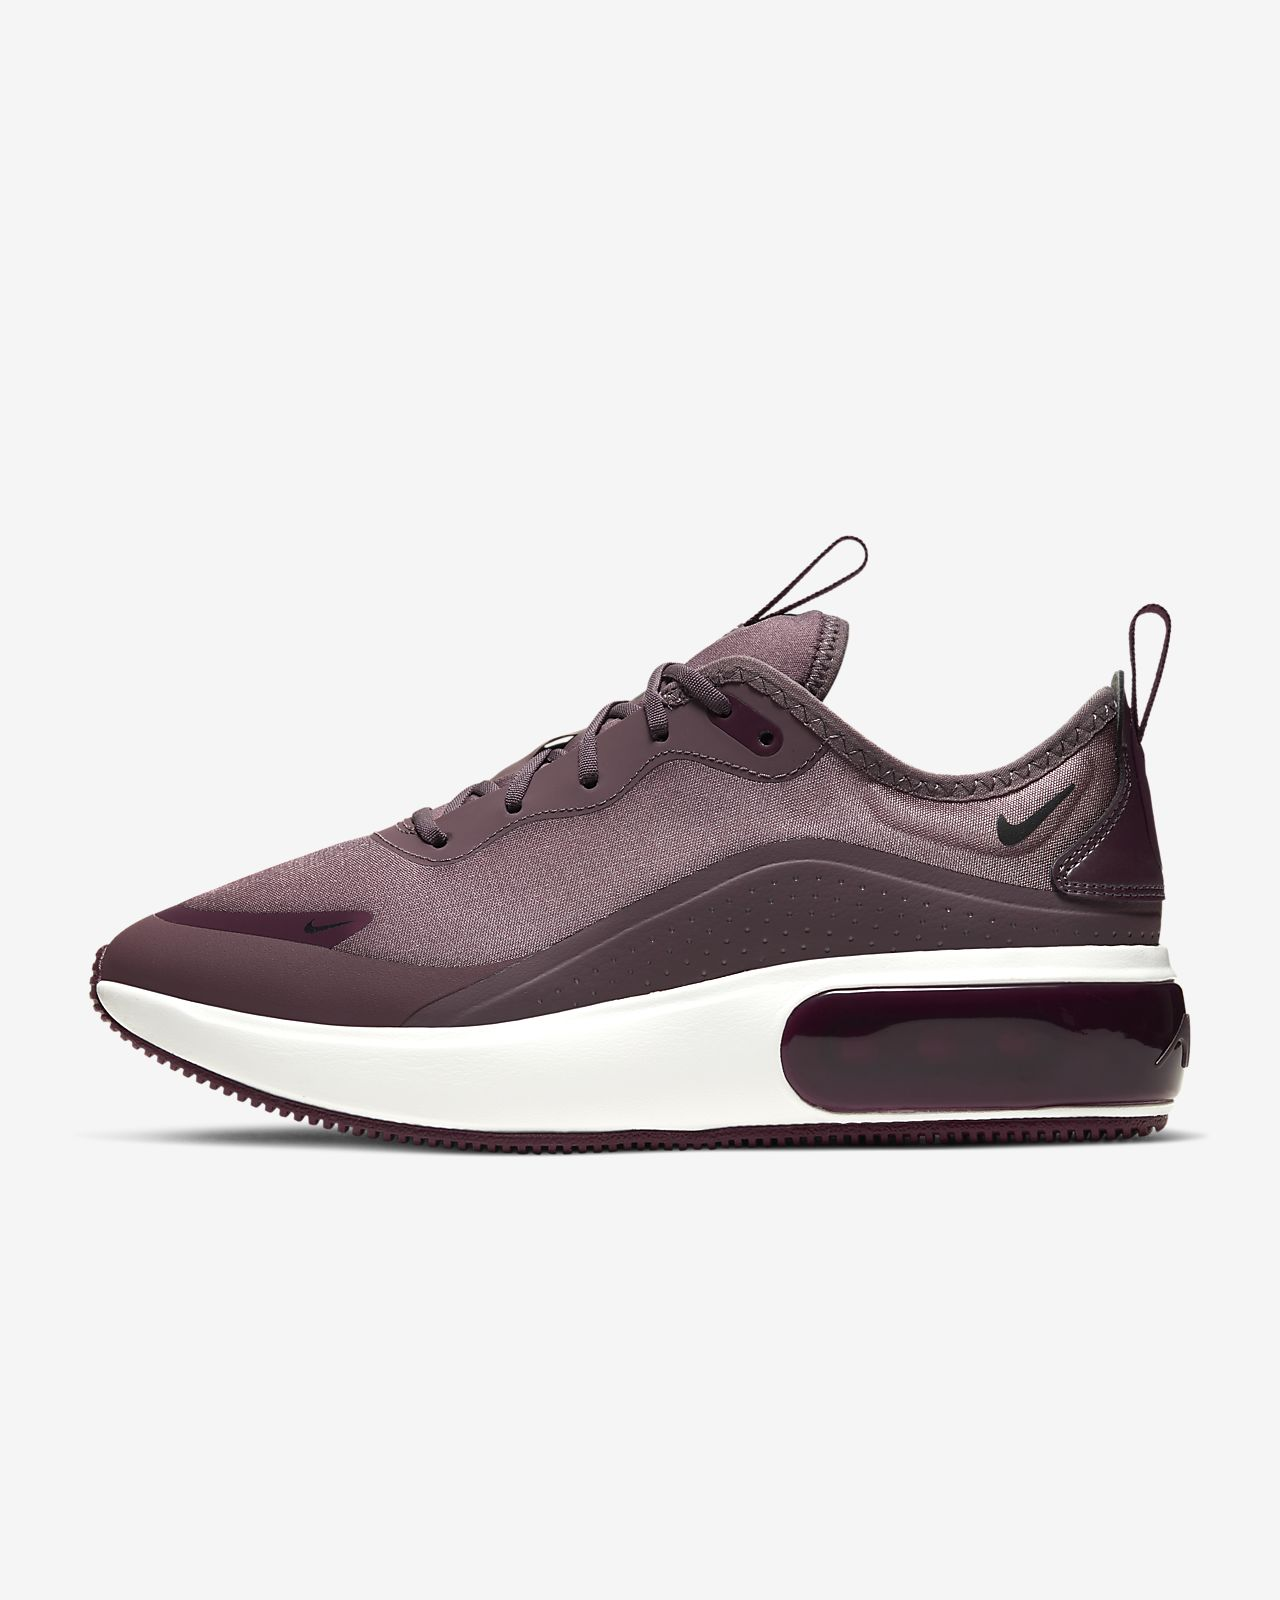 Zuverlässig Nike Lifestyle Schuhe Mädchen | Nike Air Max